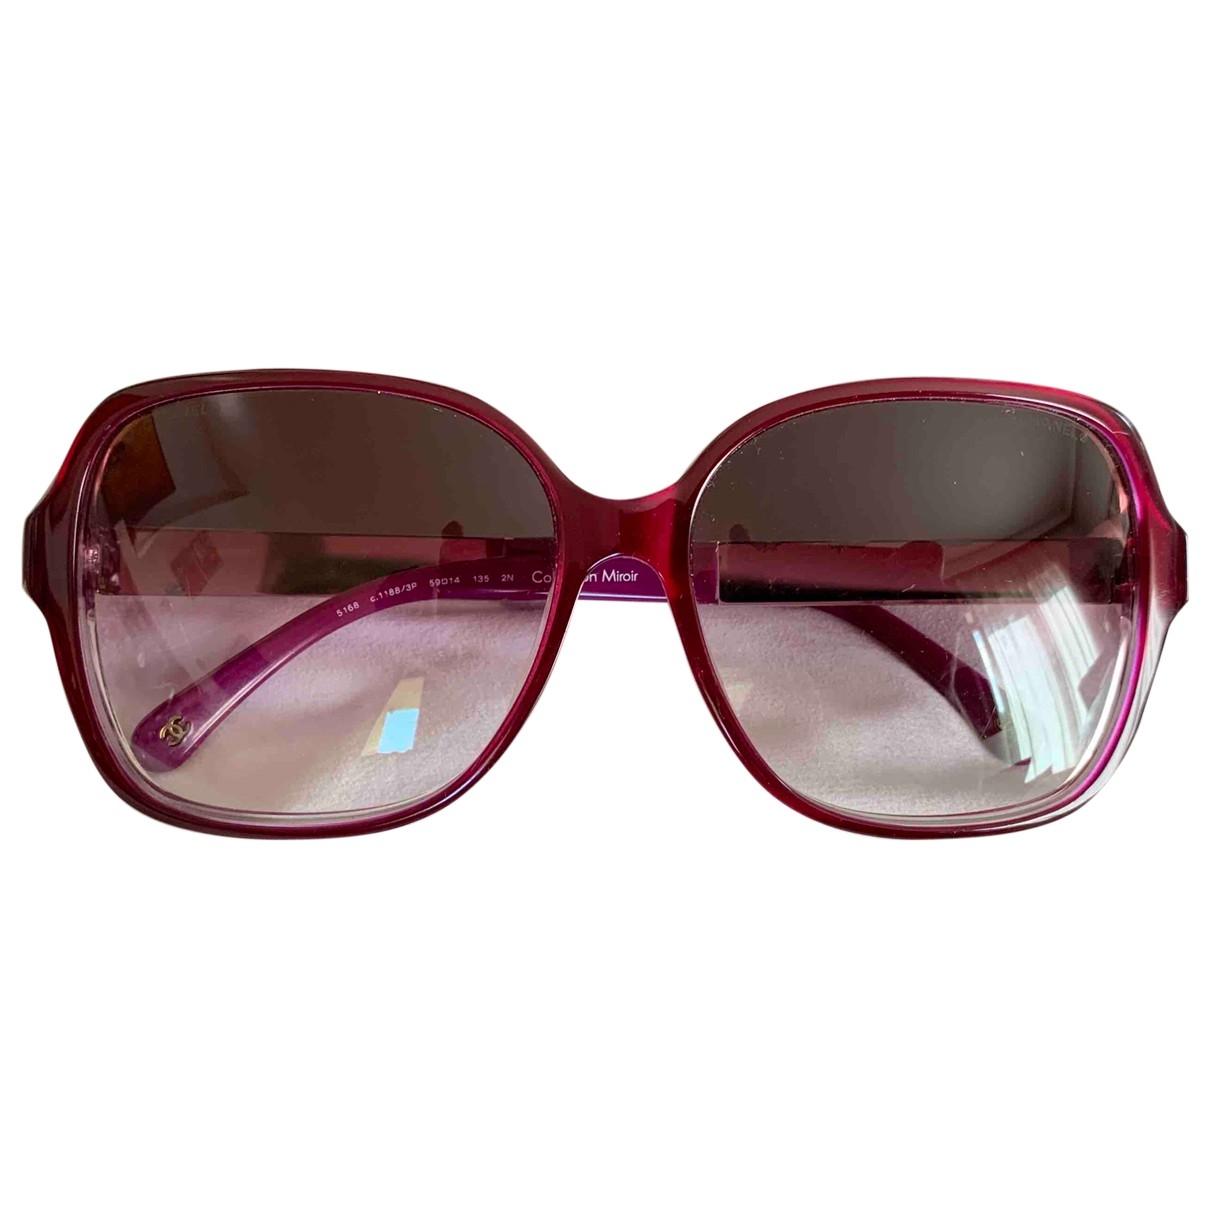 Chanel - Lunettes   pour femme - violet